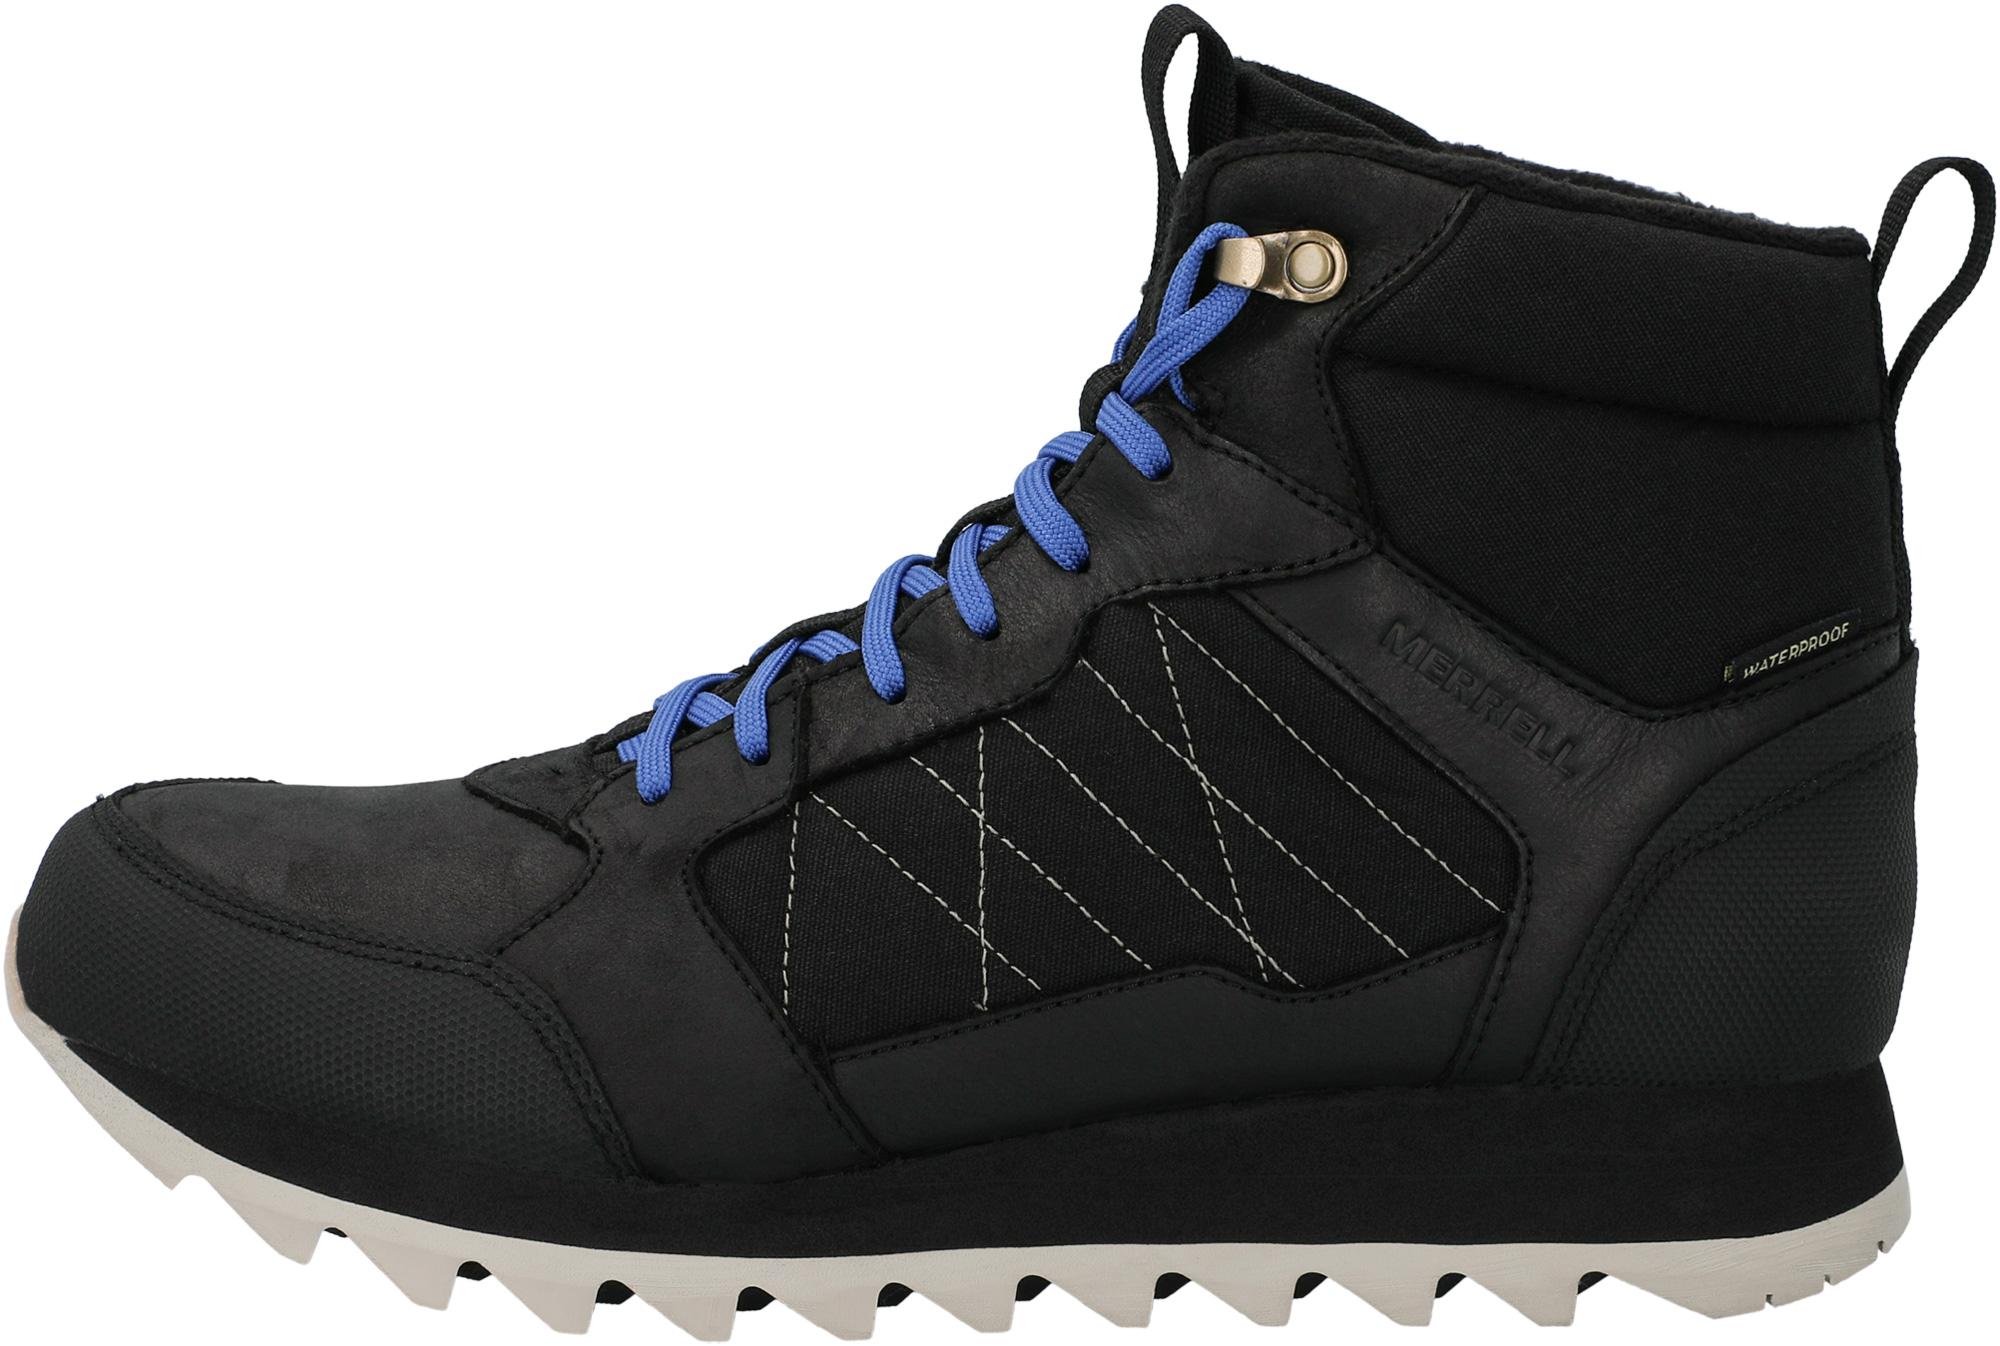 Merrell Ботинки утепленные мужские Merrell Alpine Sneaker MID PLR WP, размер 43 merrell ботинки мужские merrell forestbound wp размер 43